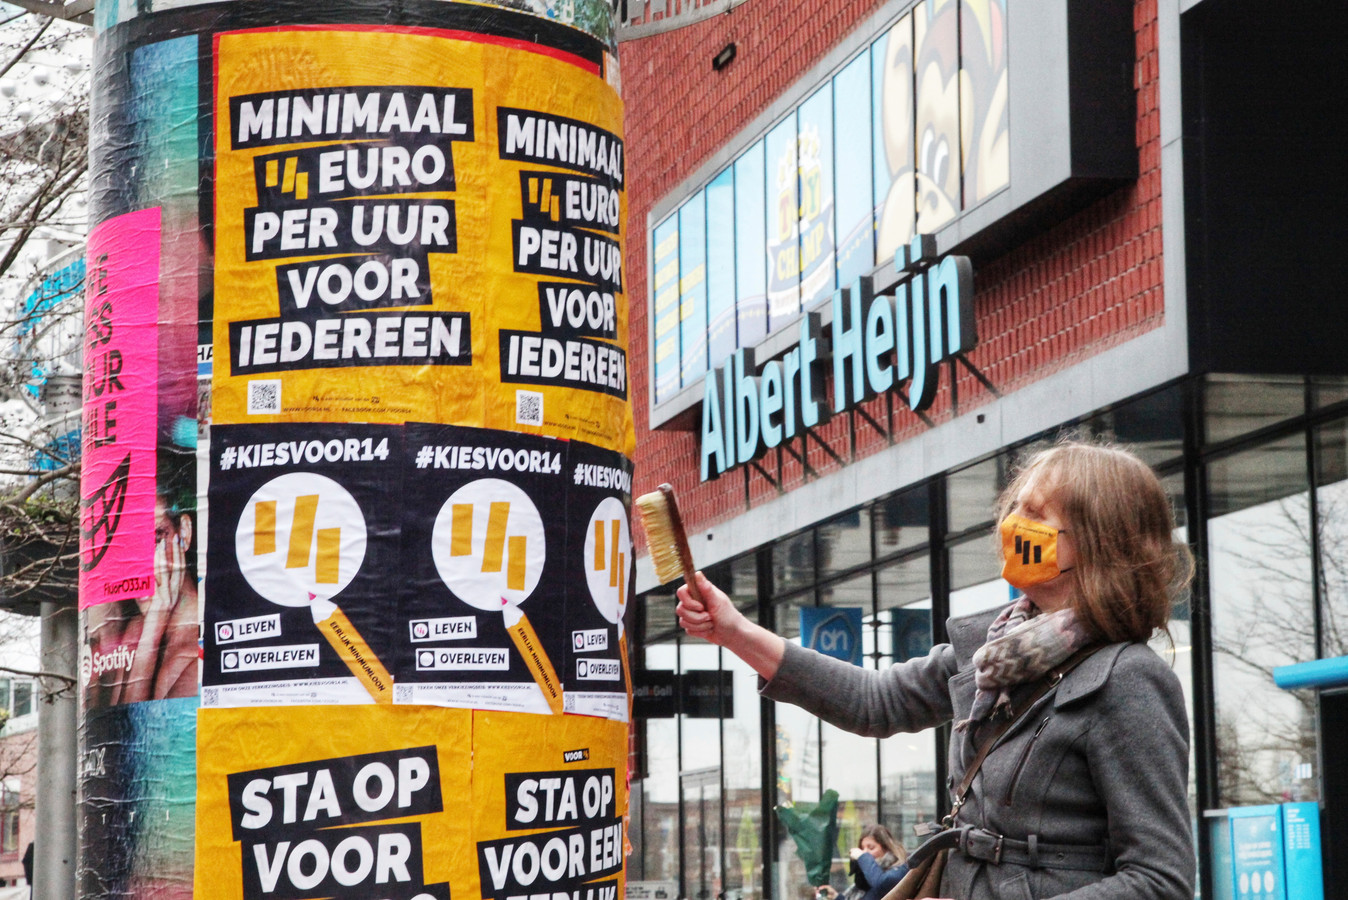 Posters plakken op een actiedag voor een minimumloon van 14 euro per uur vanaf 1 januari 2022.